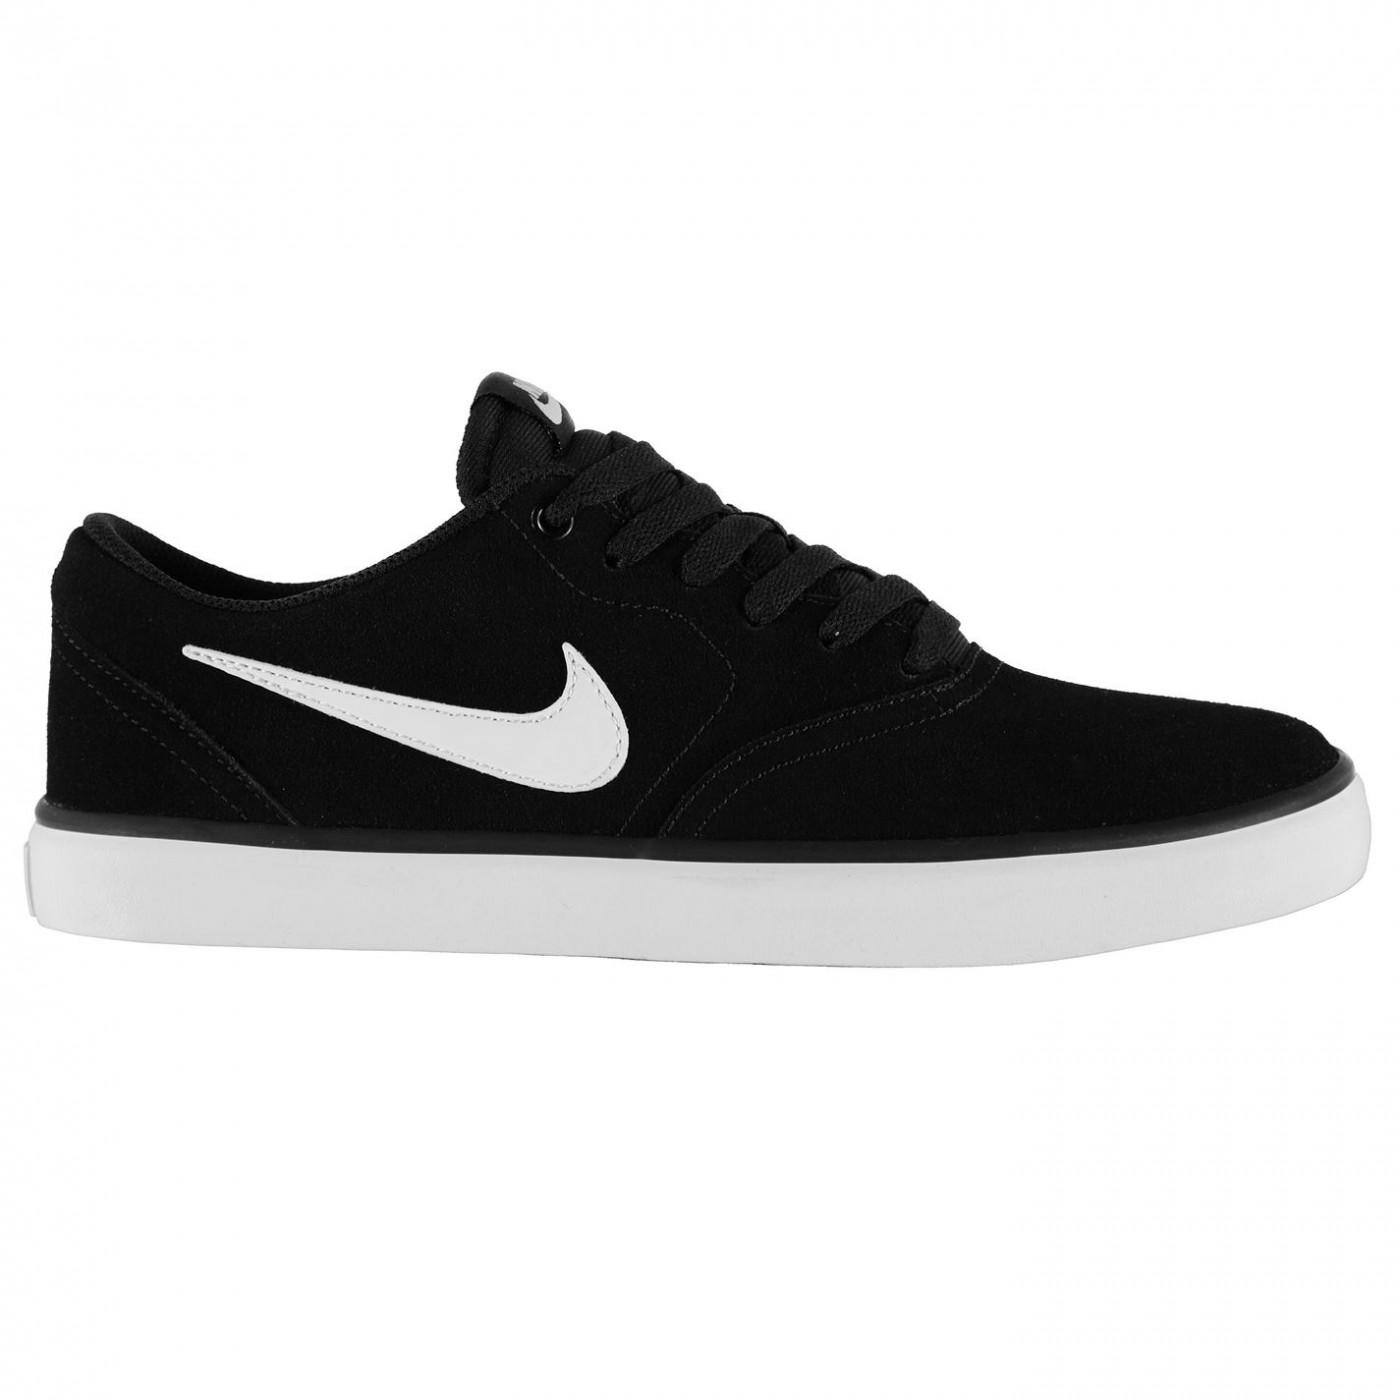 Nike SB Check Solar Mens Skate Shoes